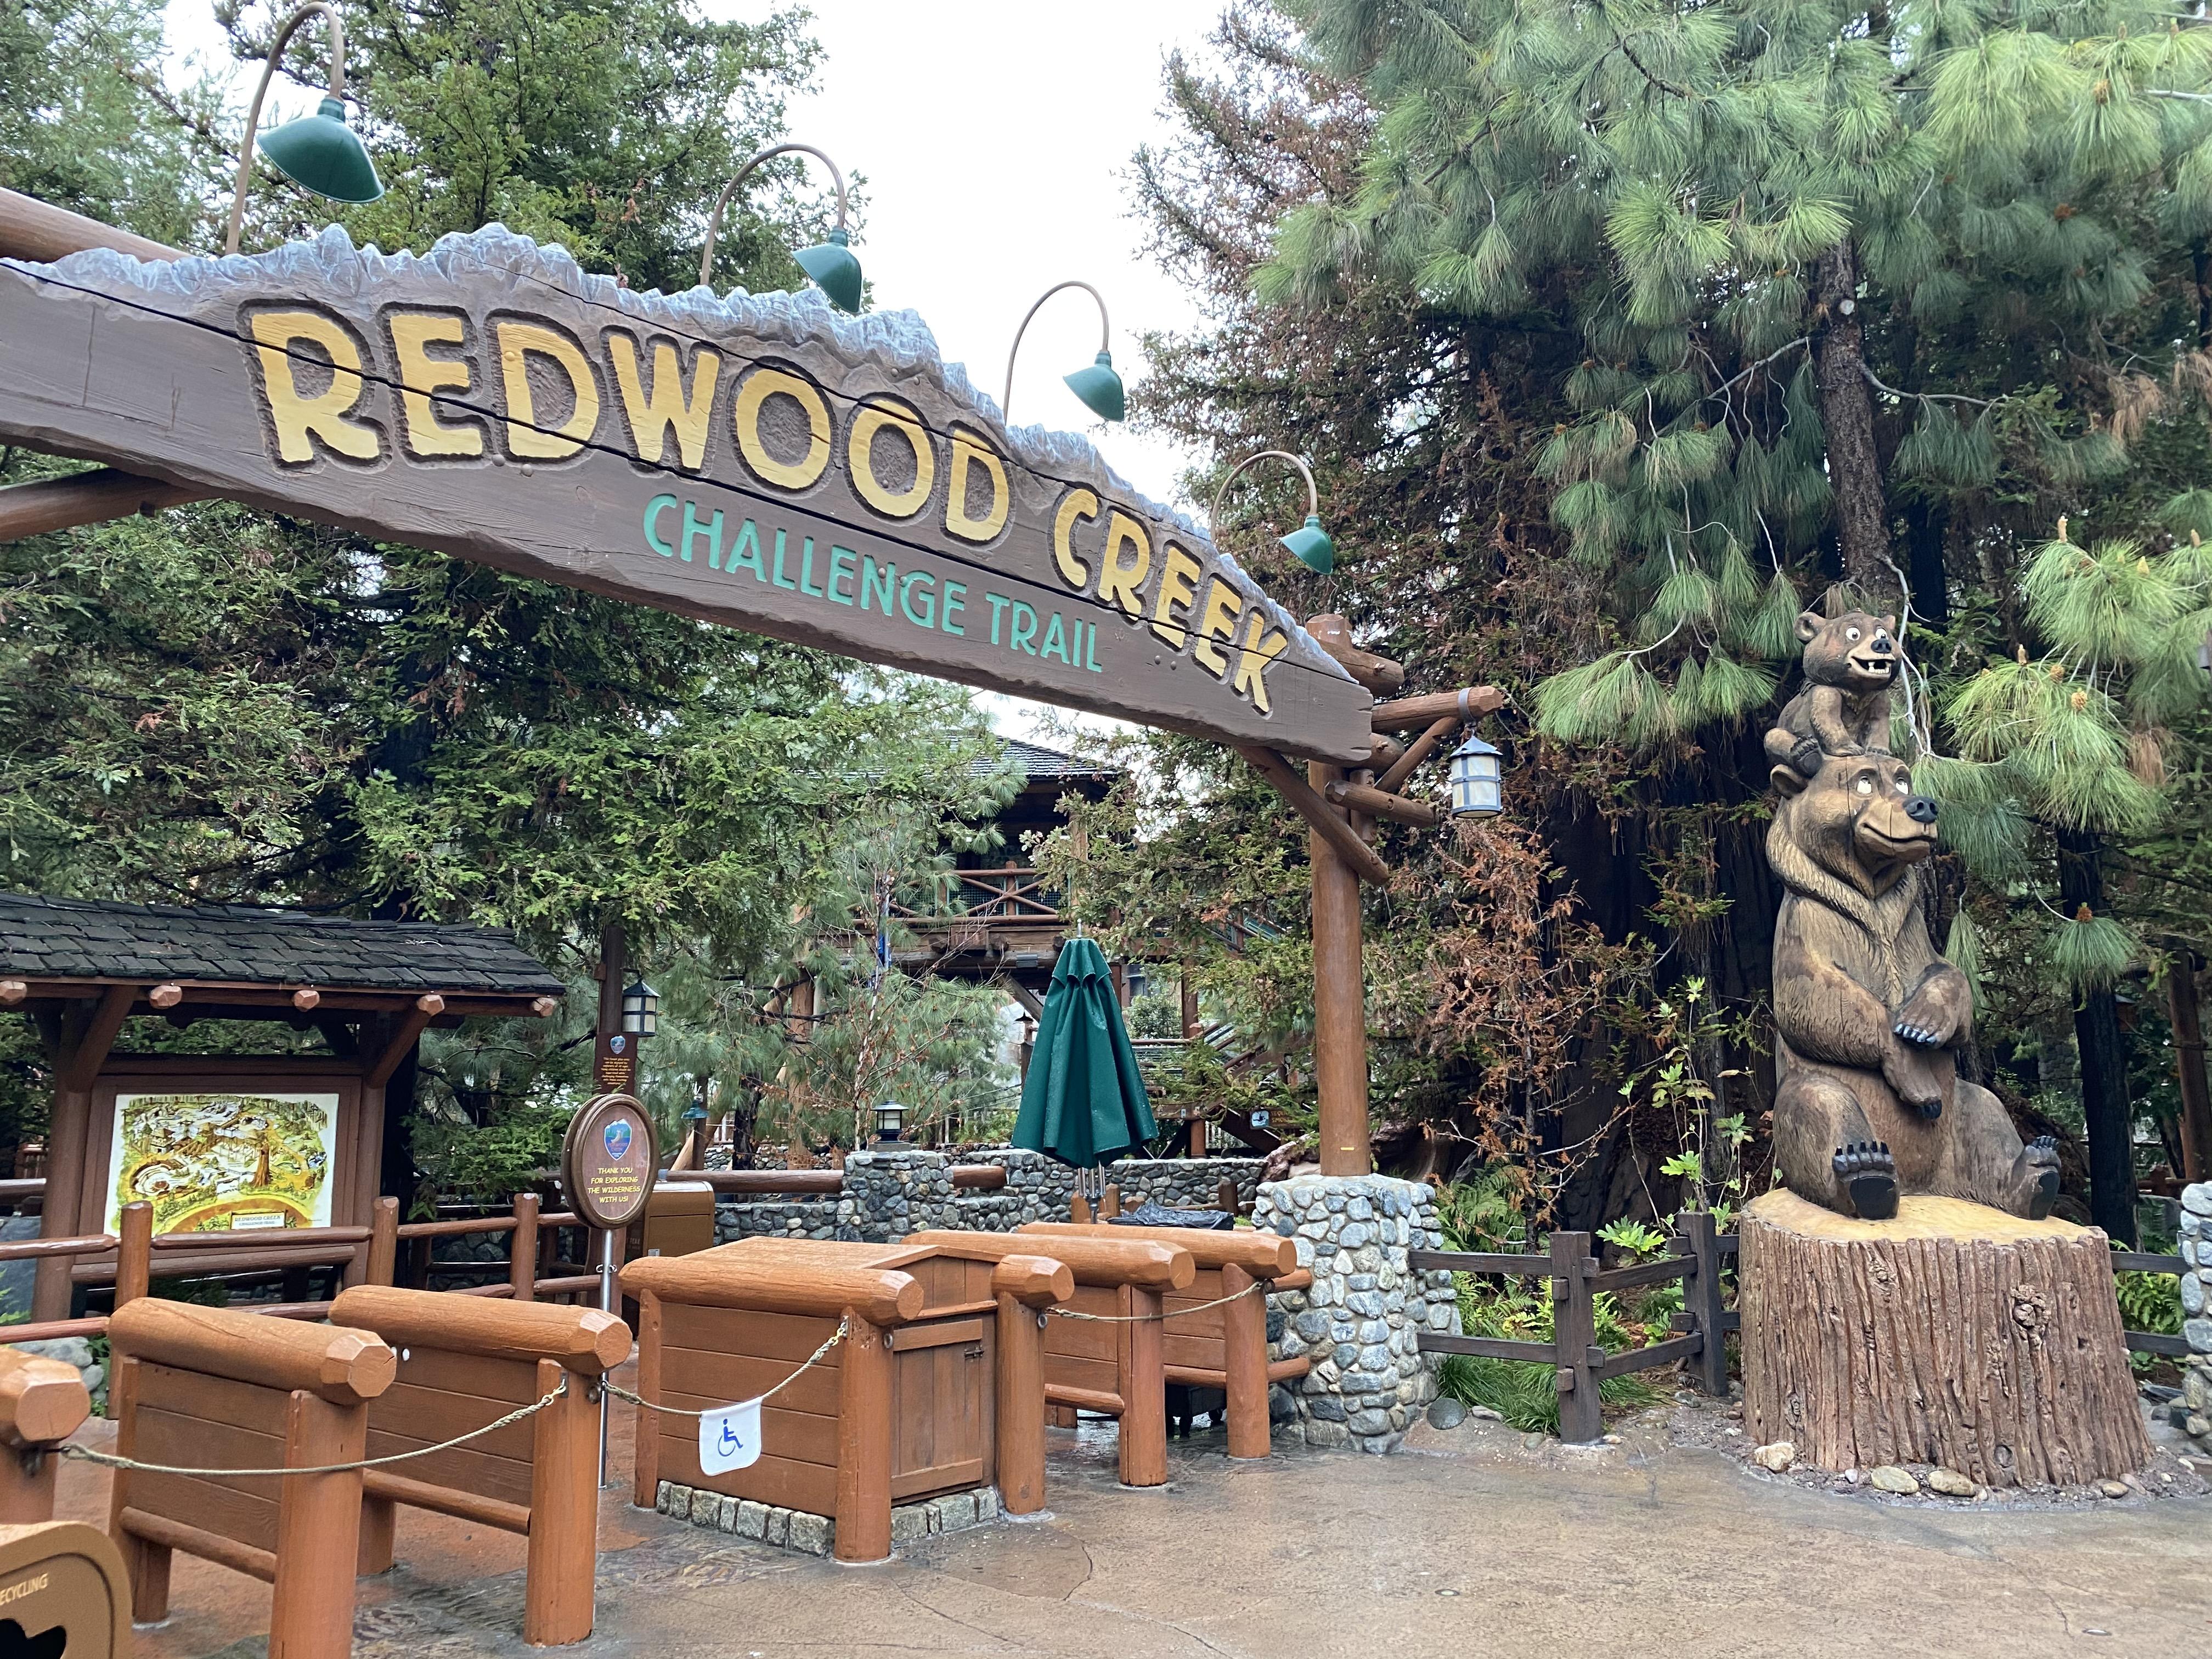 redwook creek challenge